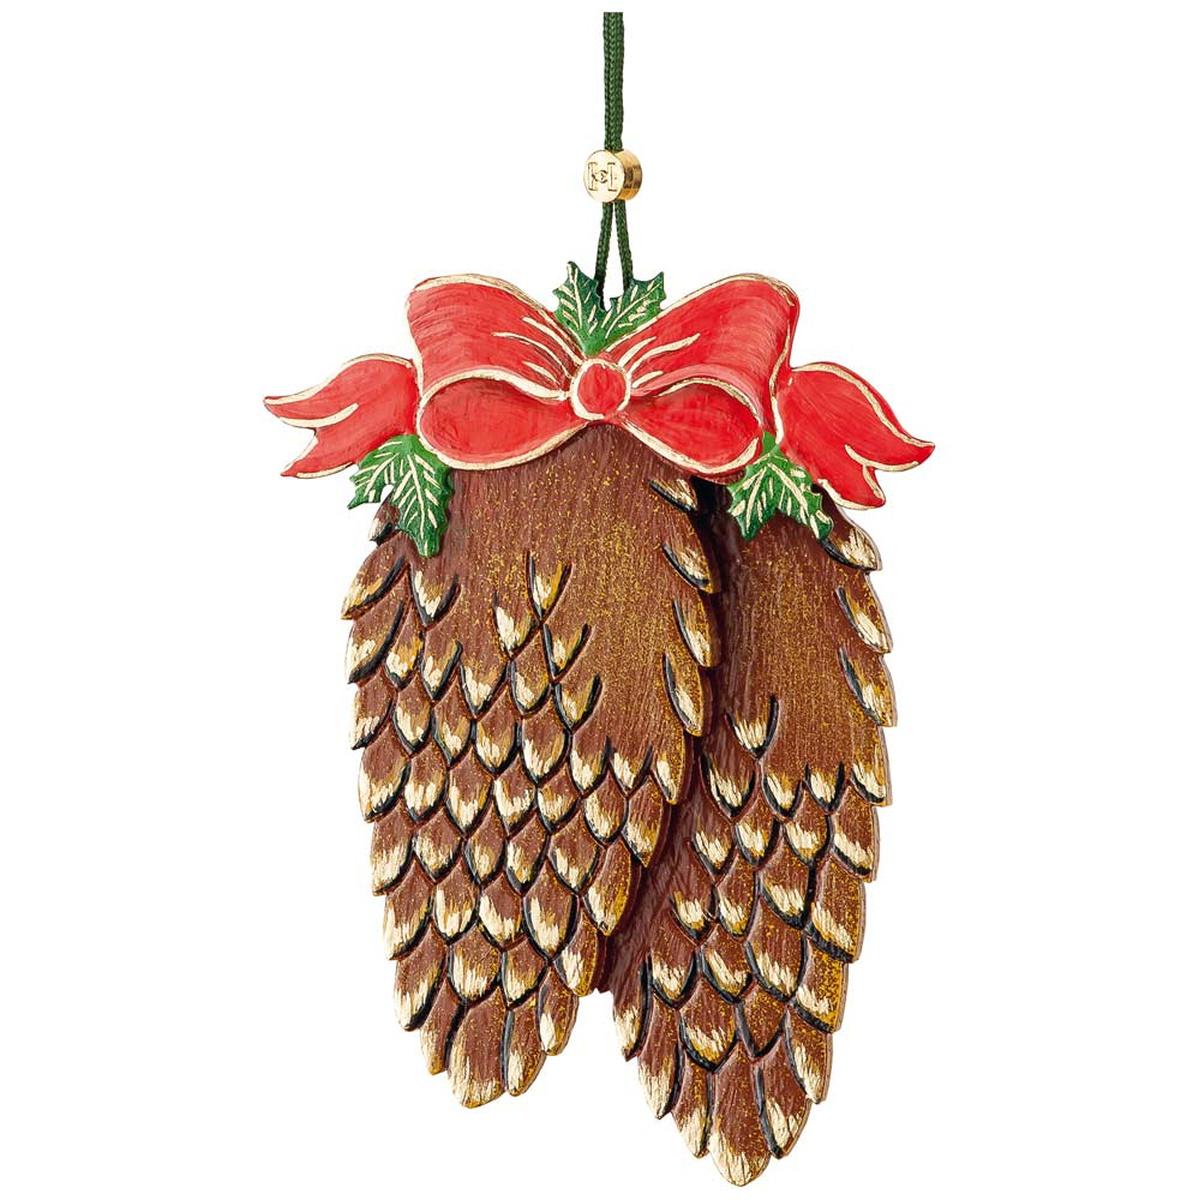 Baumbehang tannenzapfen mit schleife von hubrig volkskunst f r kaufen - Weihnachtsdeko figuren ...